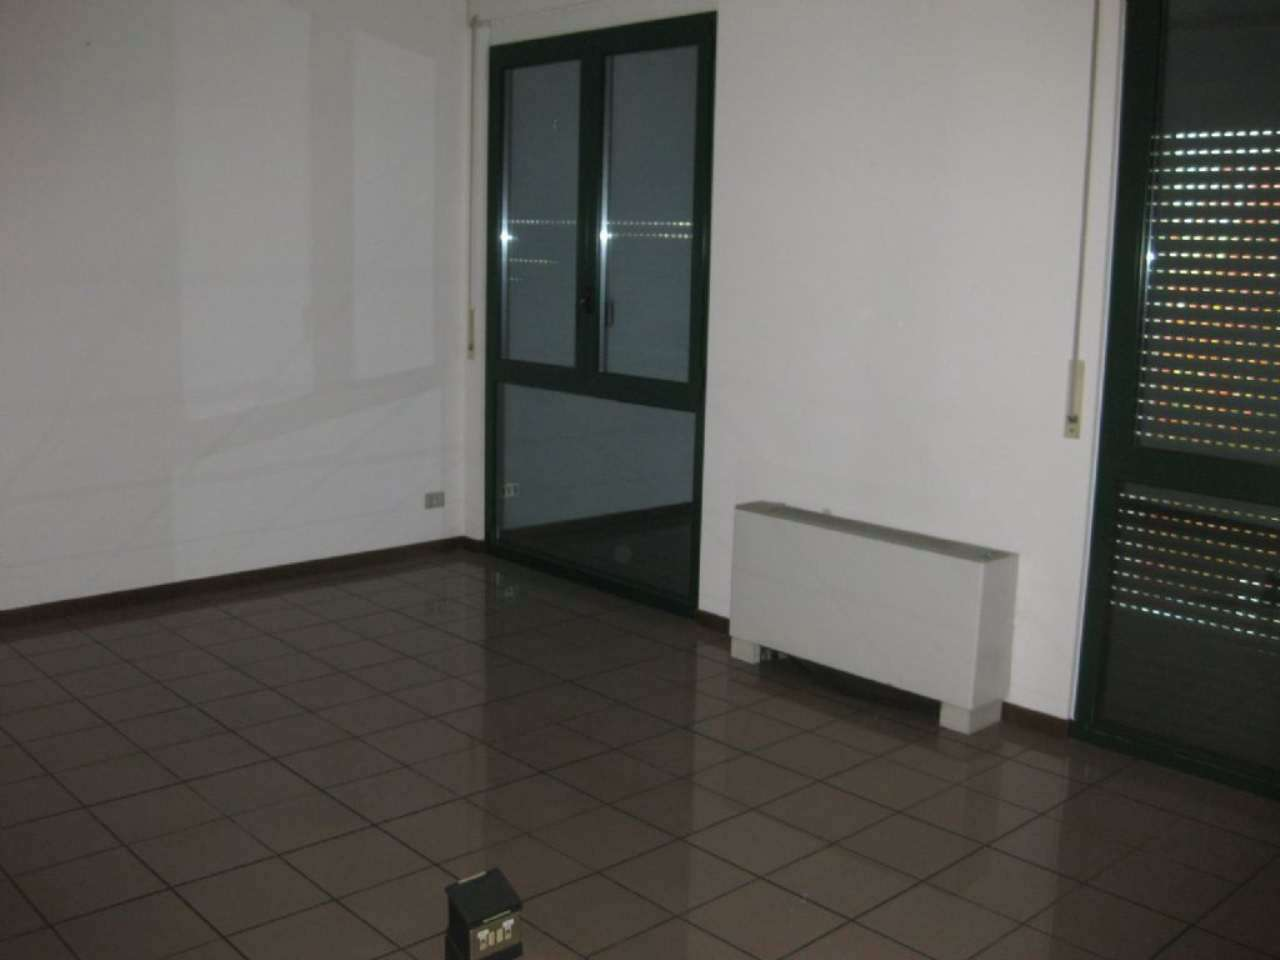 Ufficio / Studio in affitto a Bareggio, 1 locali, prezzo € 350 | PortaleAgenzieImmobiliari.it